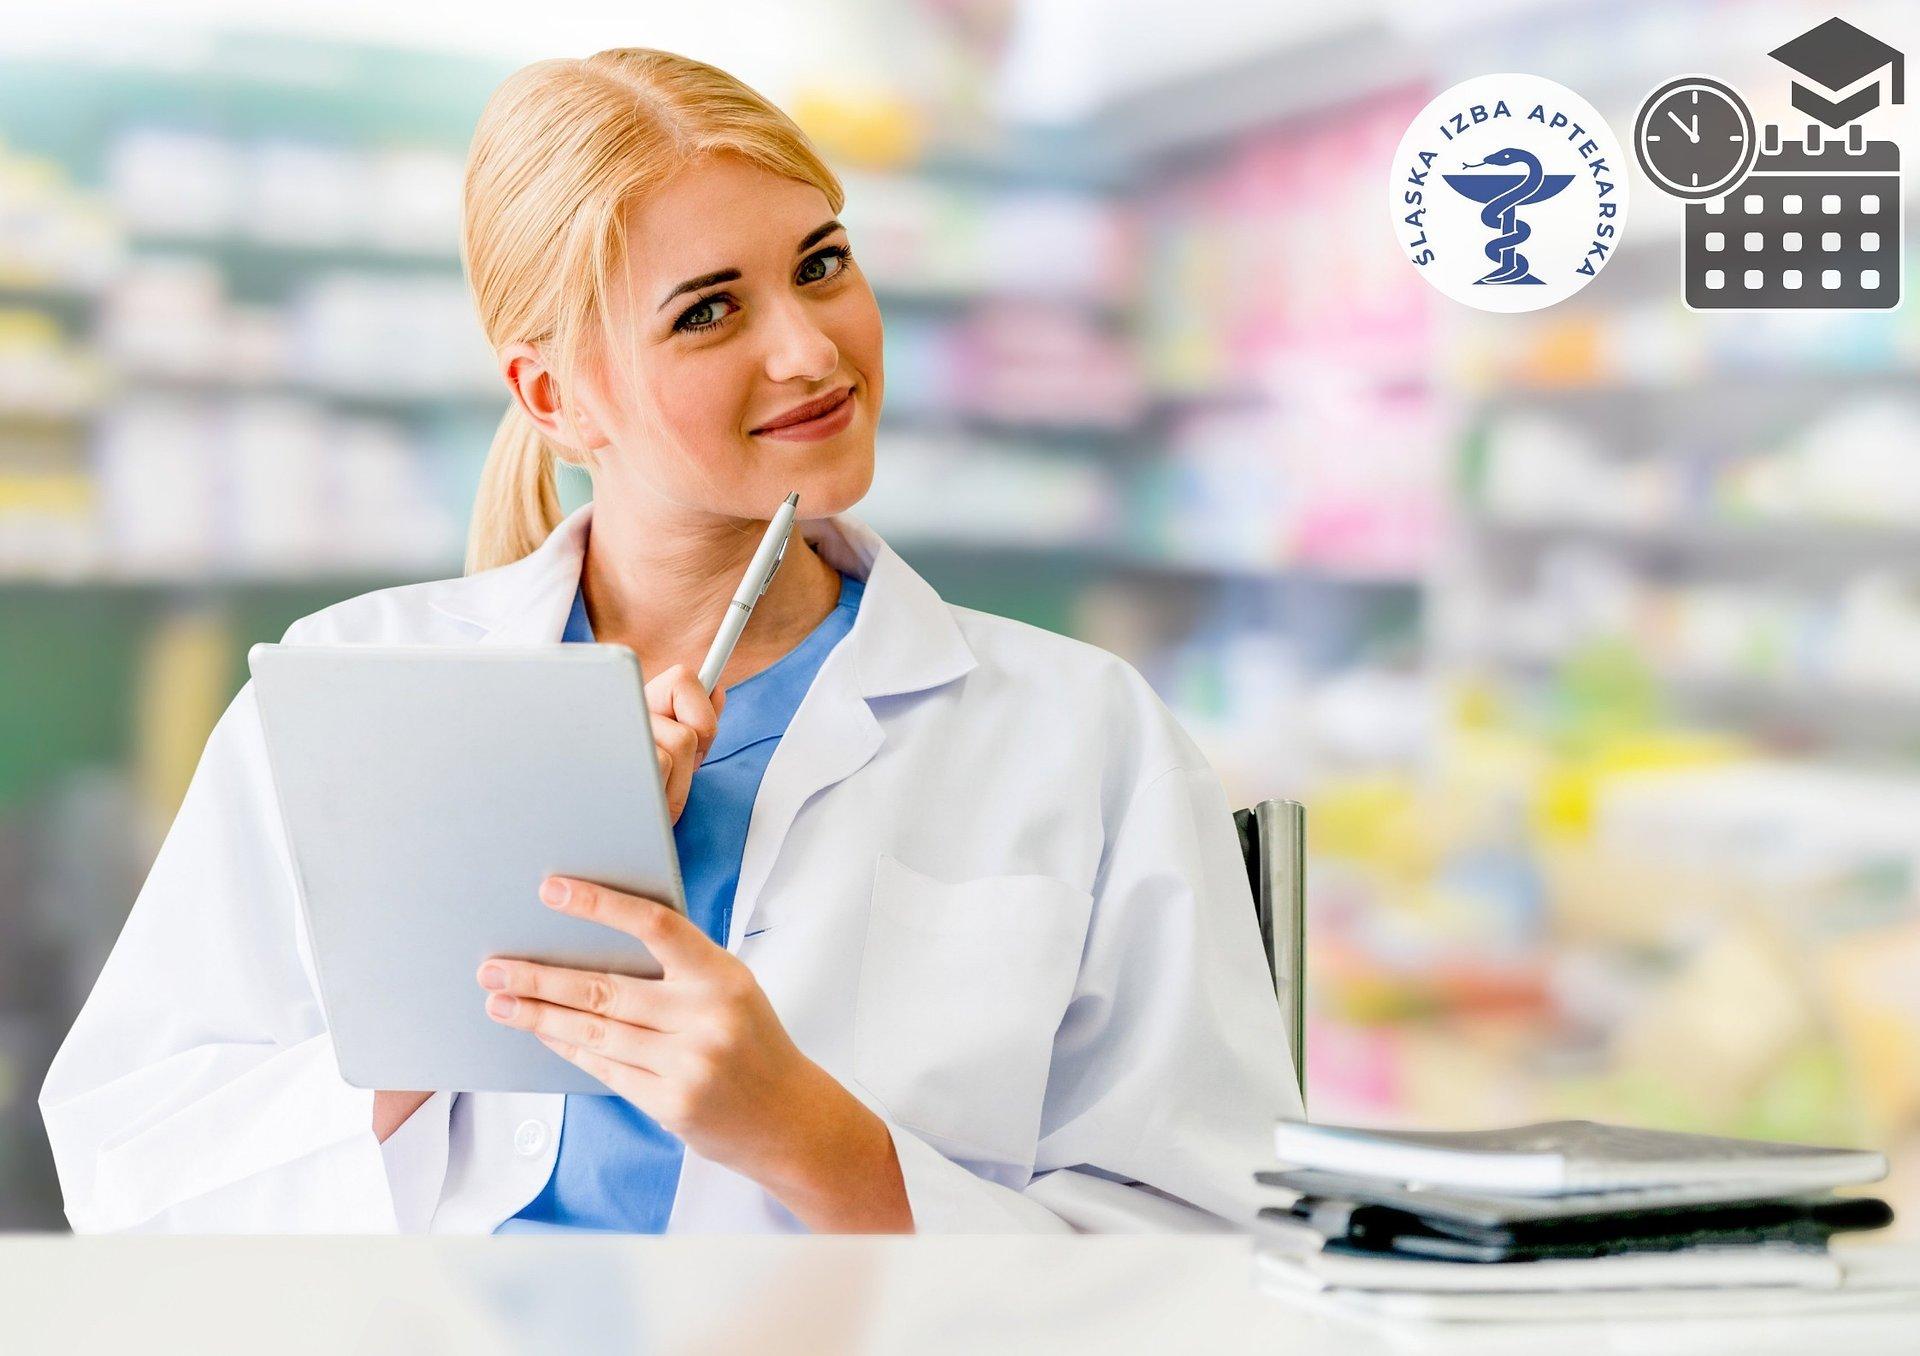 Rozliczanie okresu edukacyjnego - trzy grupy farmaceutów